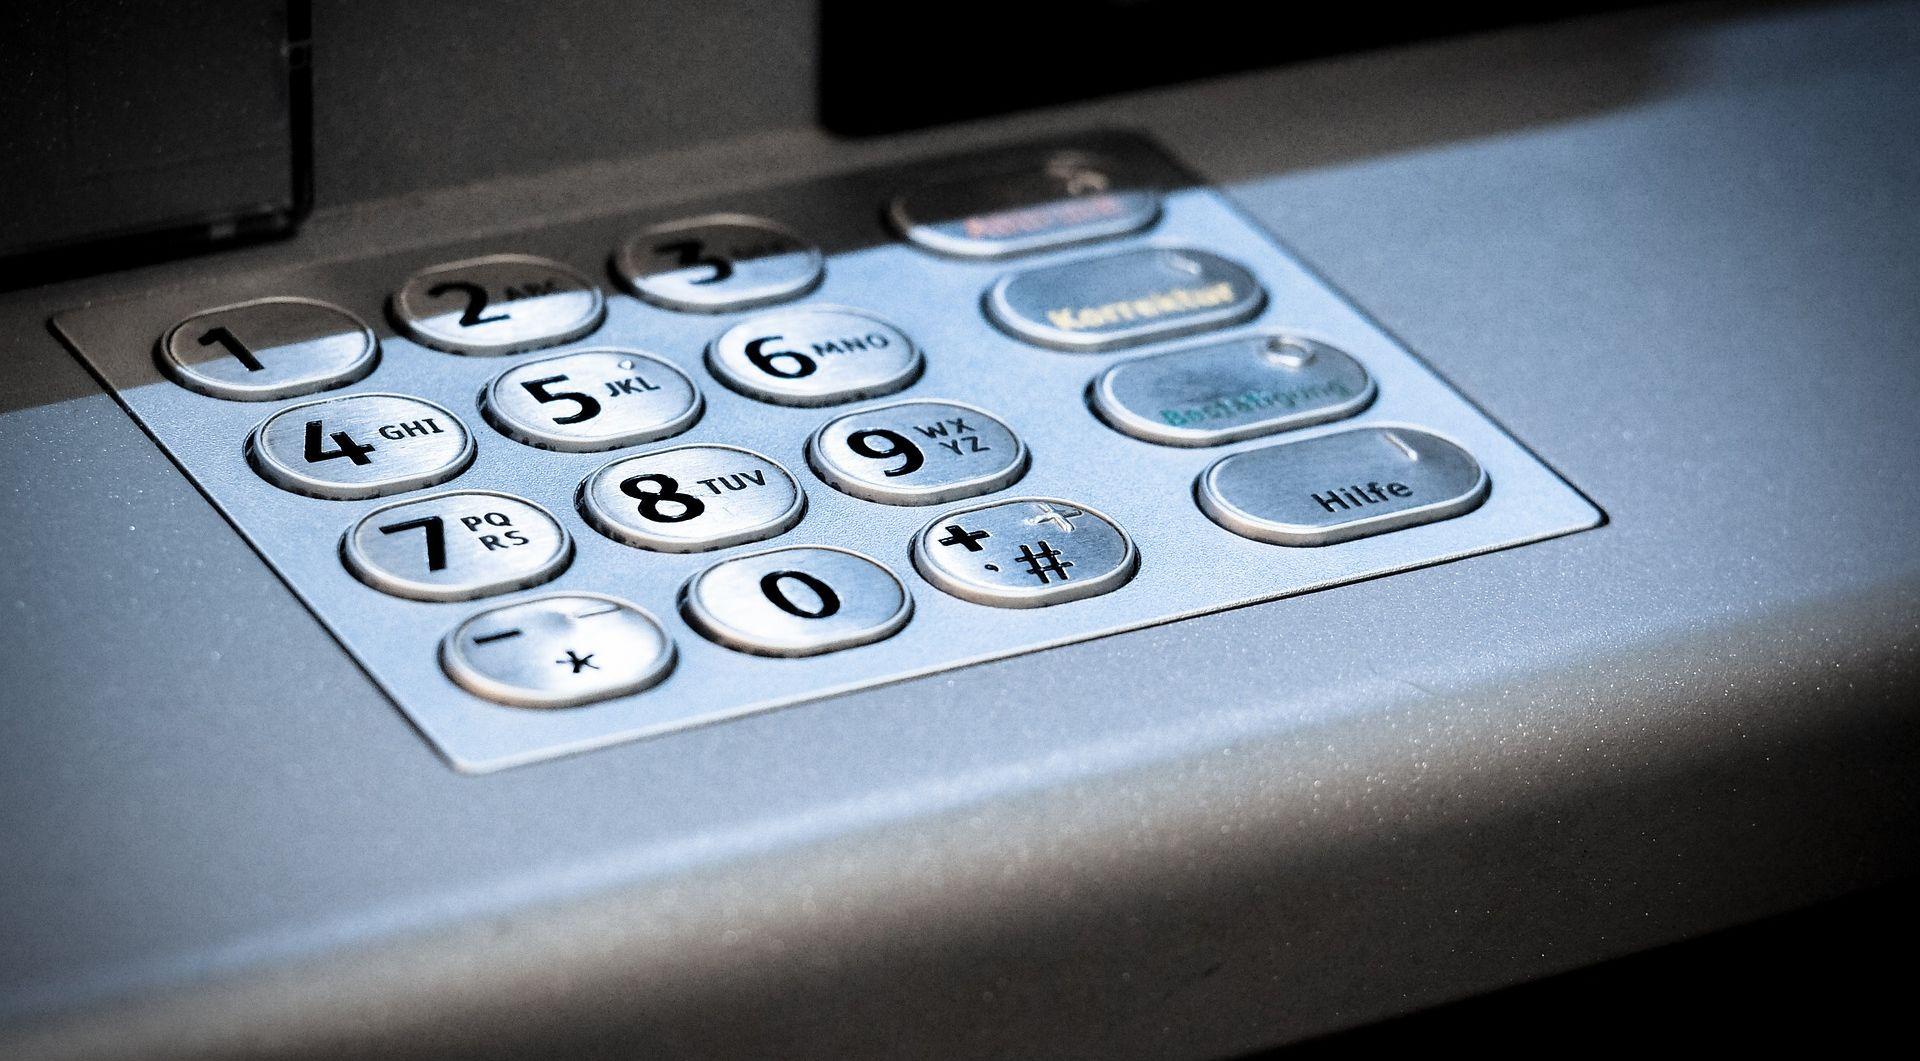 Jedini saborski bankomat izazvao 'buru' na društvenim mrežama